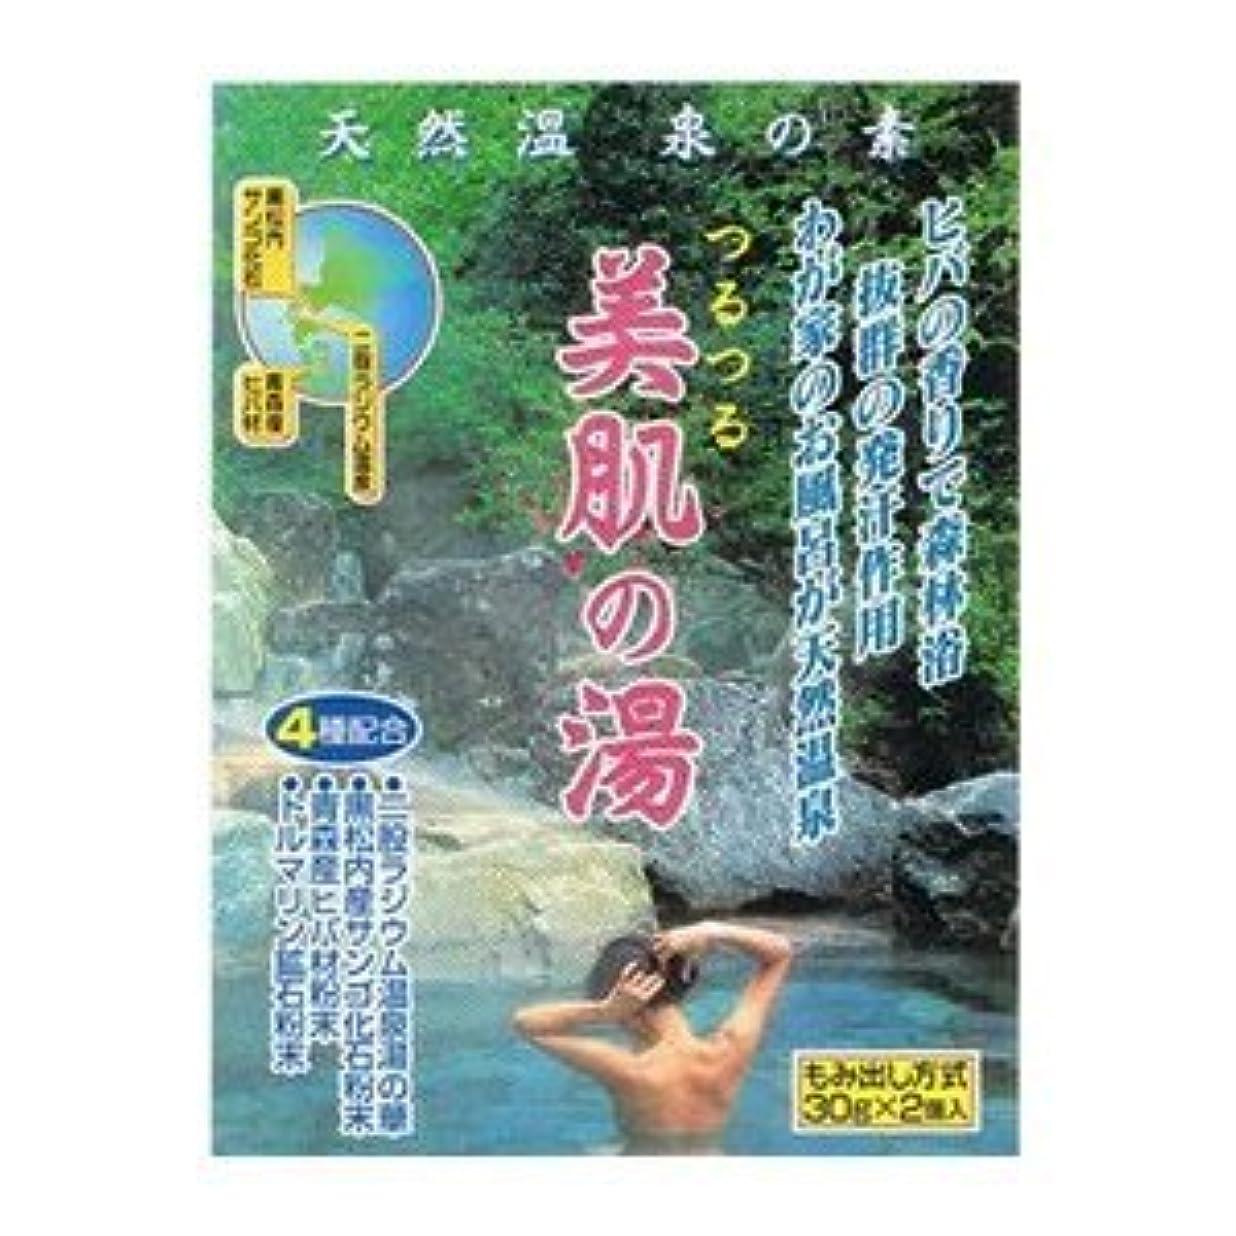 ためにほうき強化する天然温泉の素 美肌の湯 (30g×2個入)×12袋セット